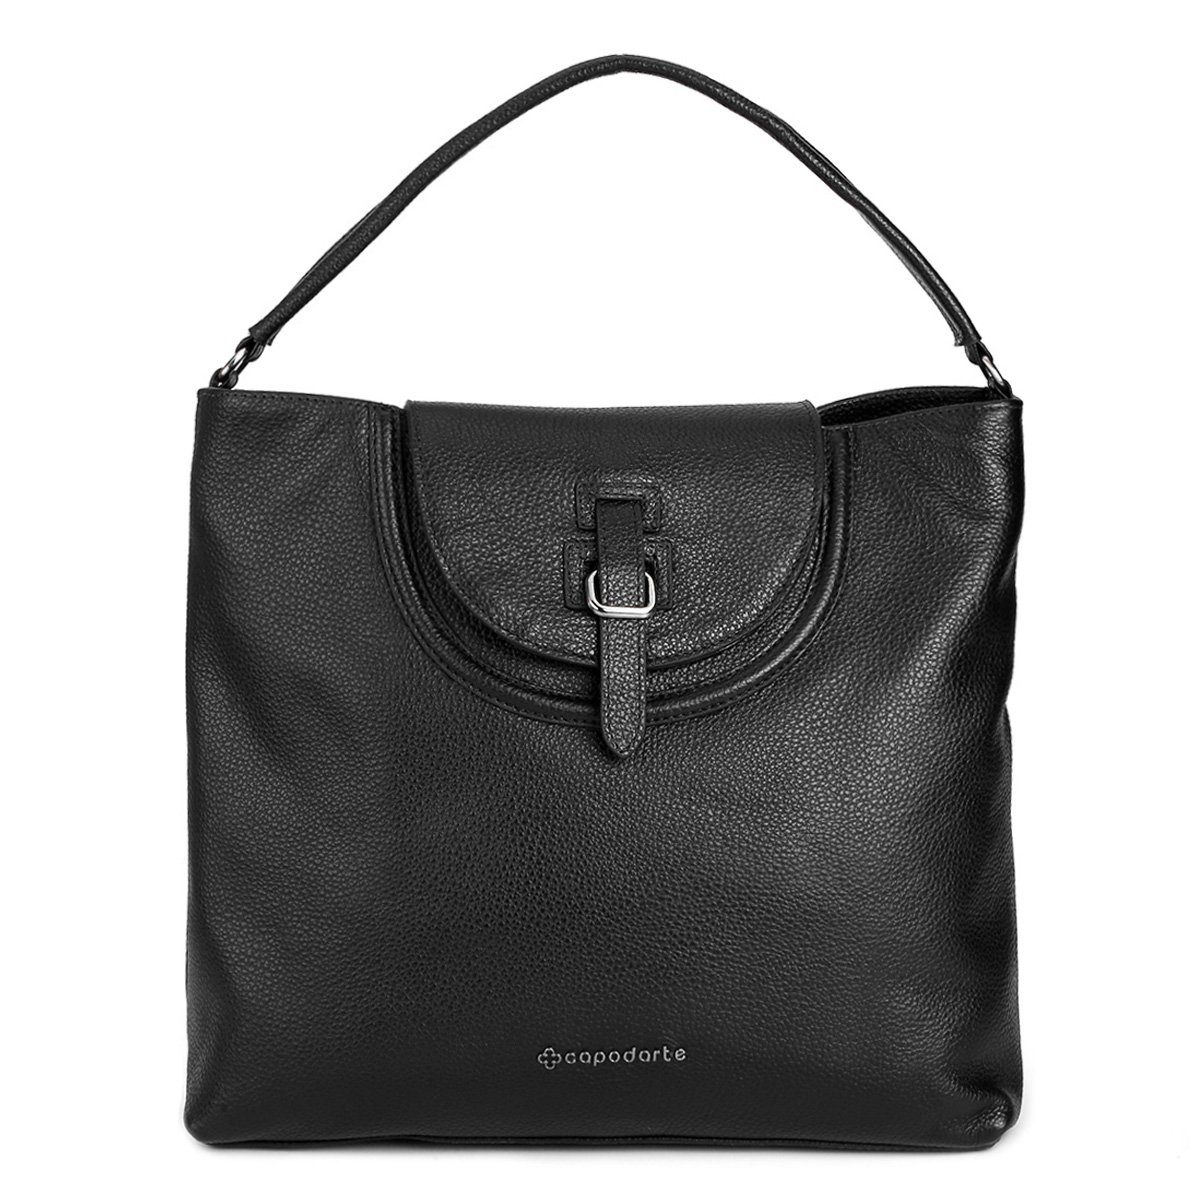 Bolsa Feminina De Couro Capodarte : Bolsa couro capodarte tote detalhe frontal feminina preto